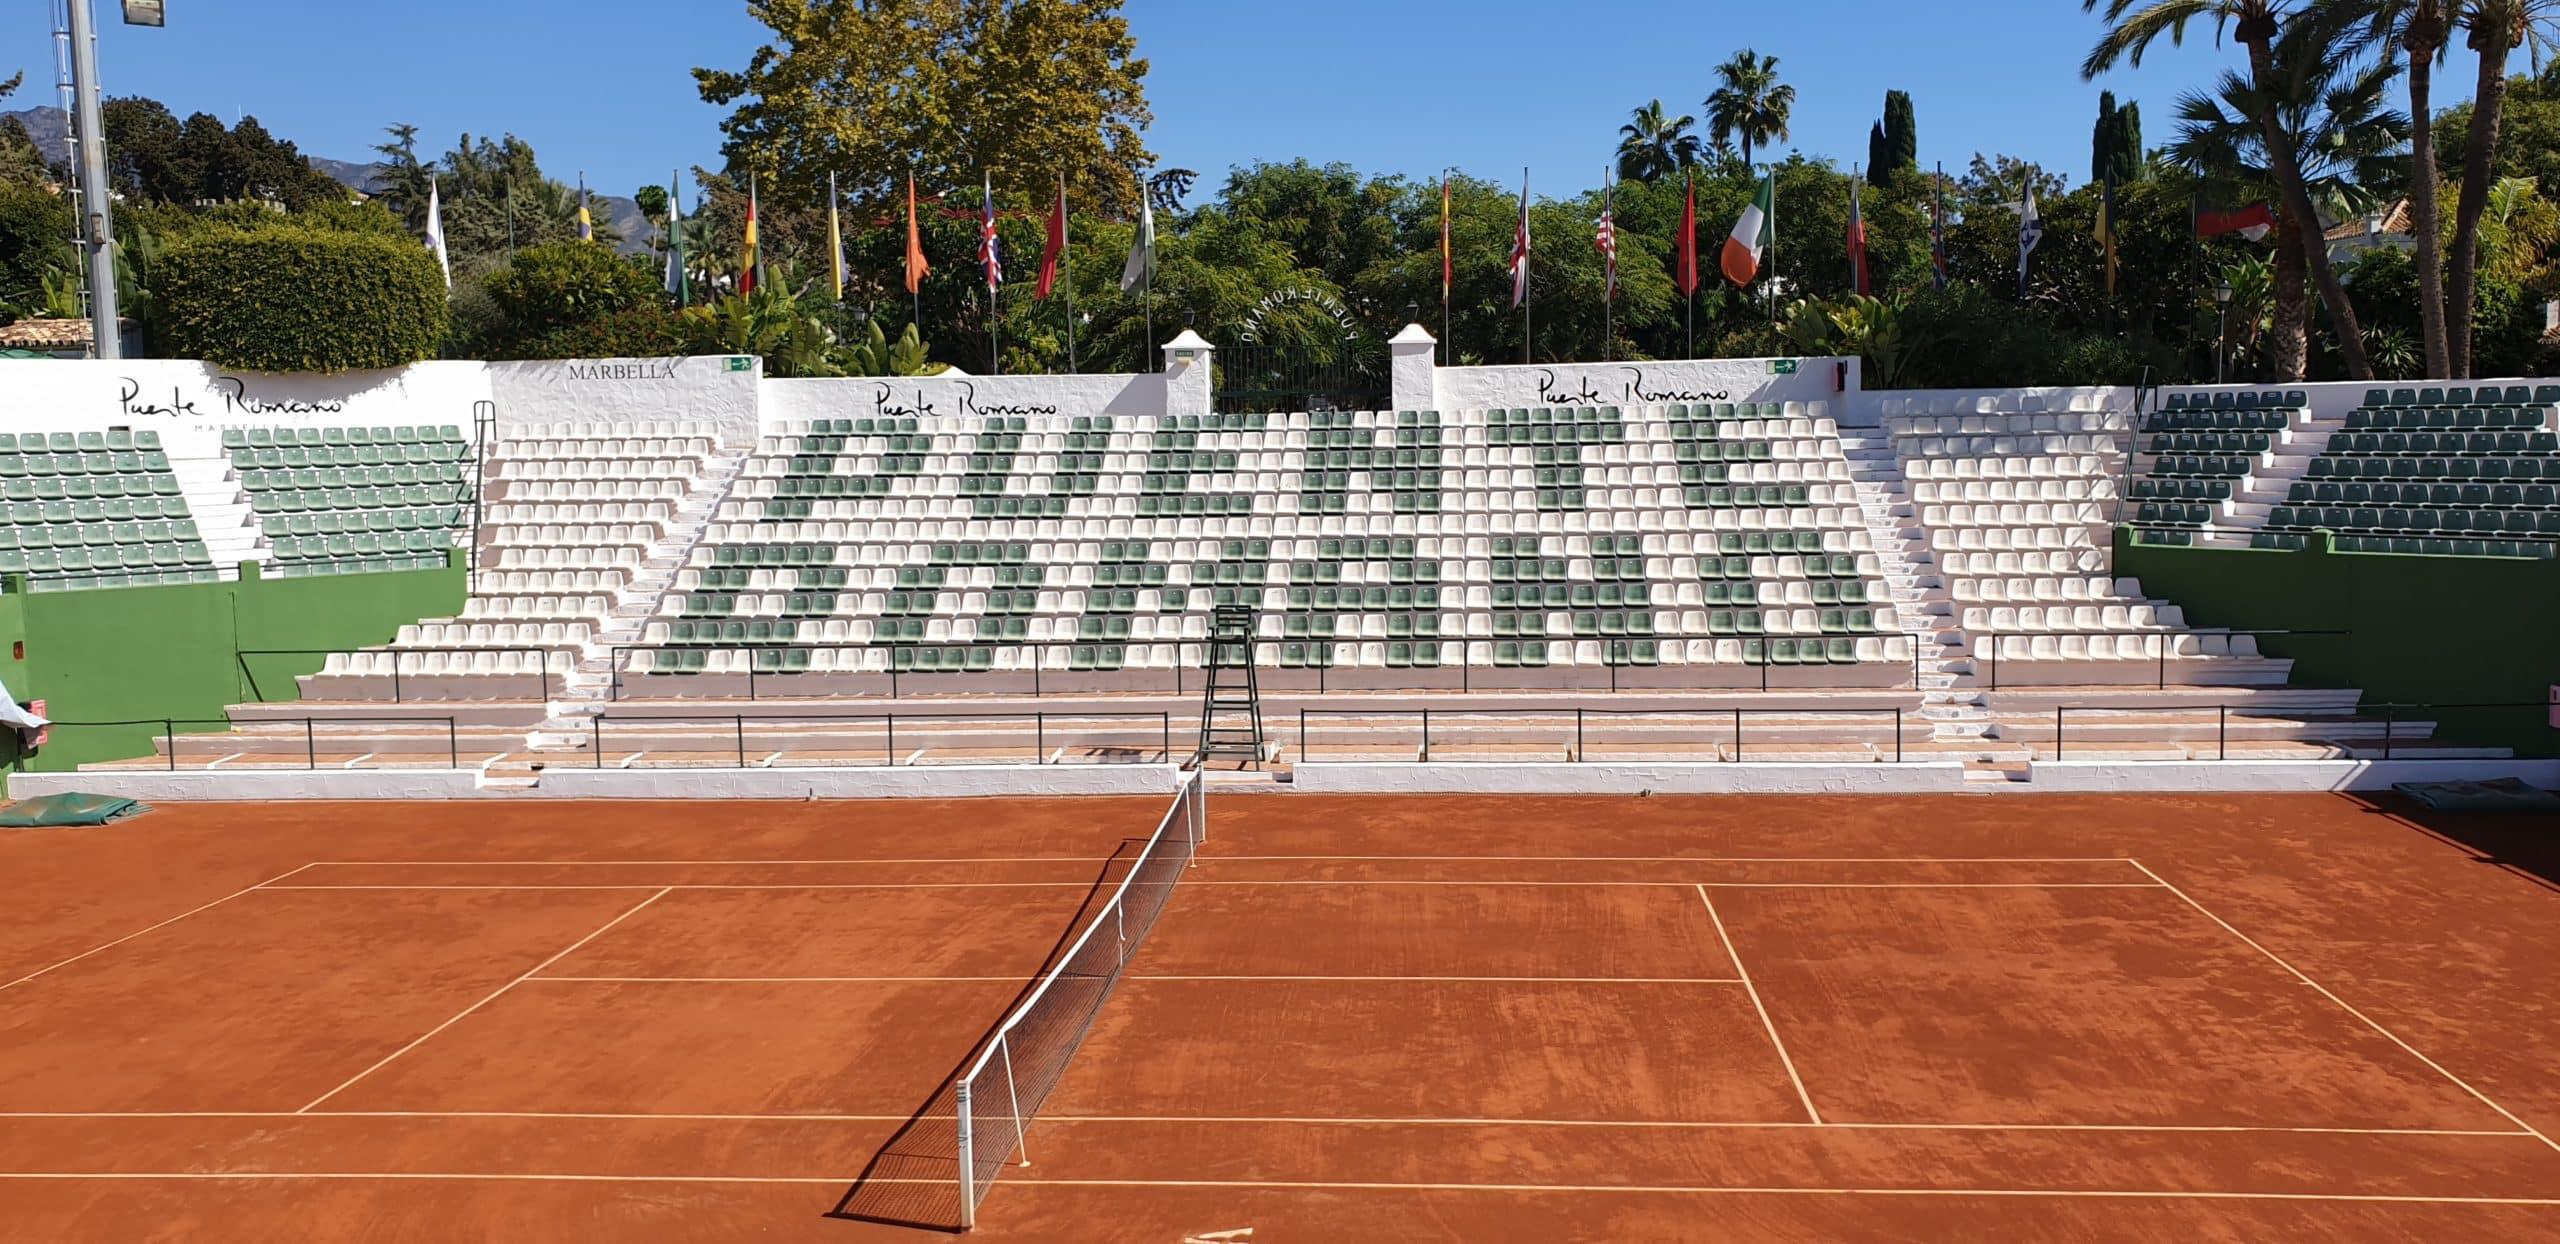 Puente Romano Tennis Club